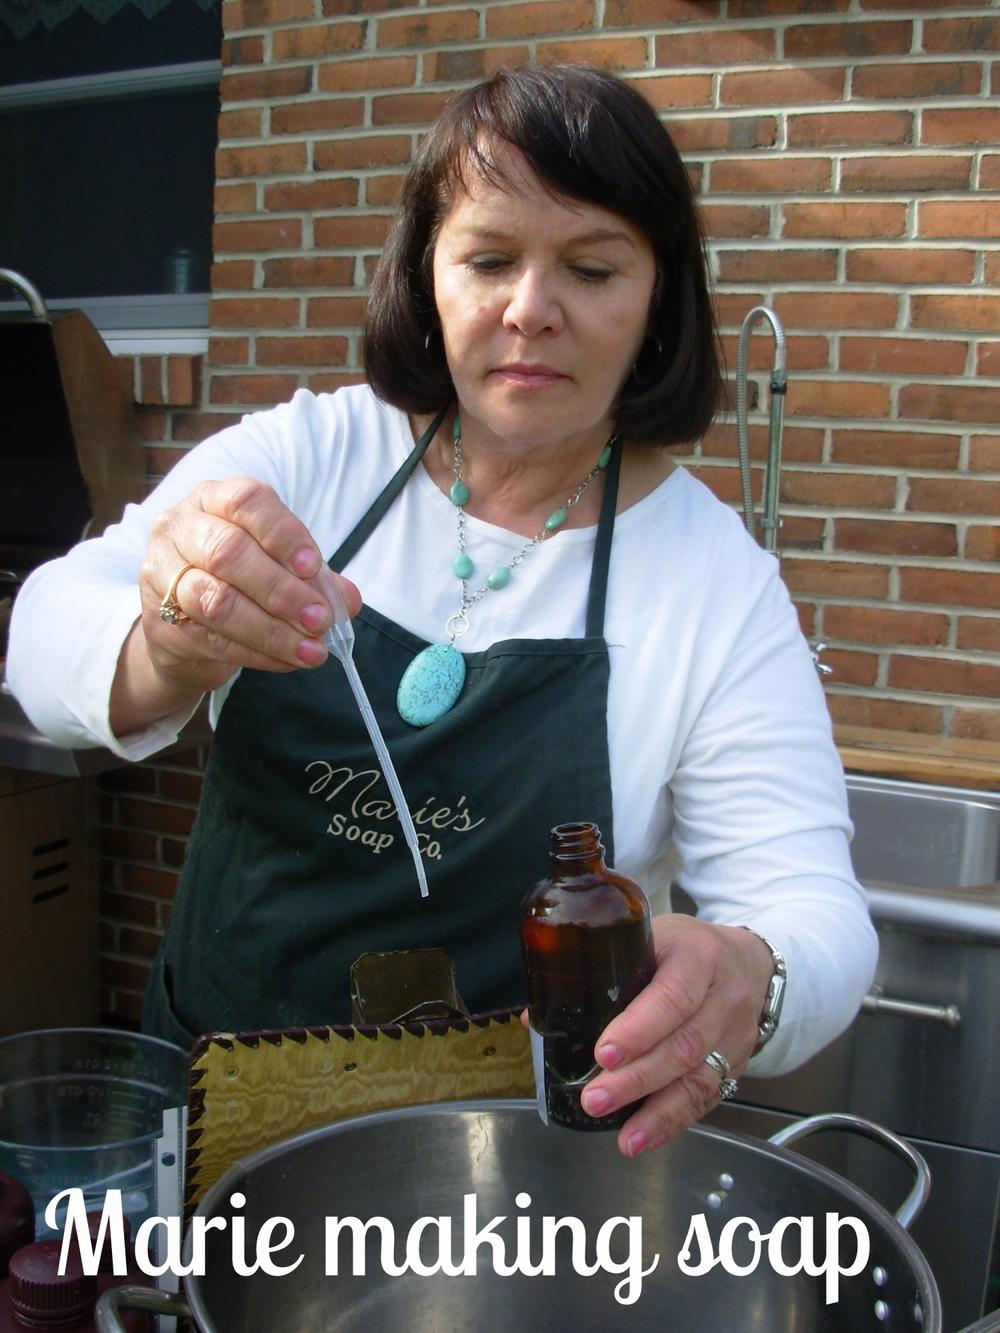 Marie Bache Soap Maker.jpg